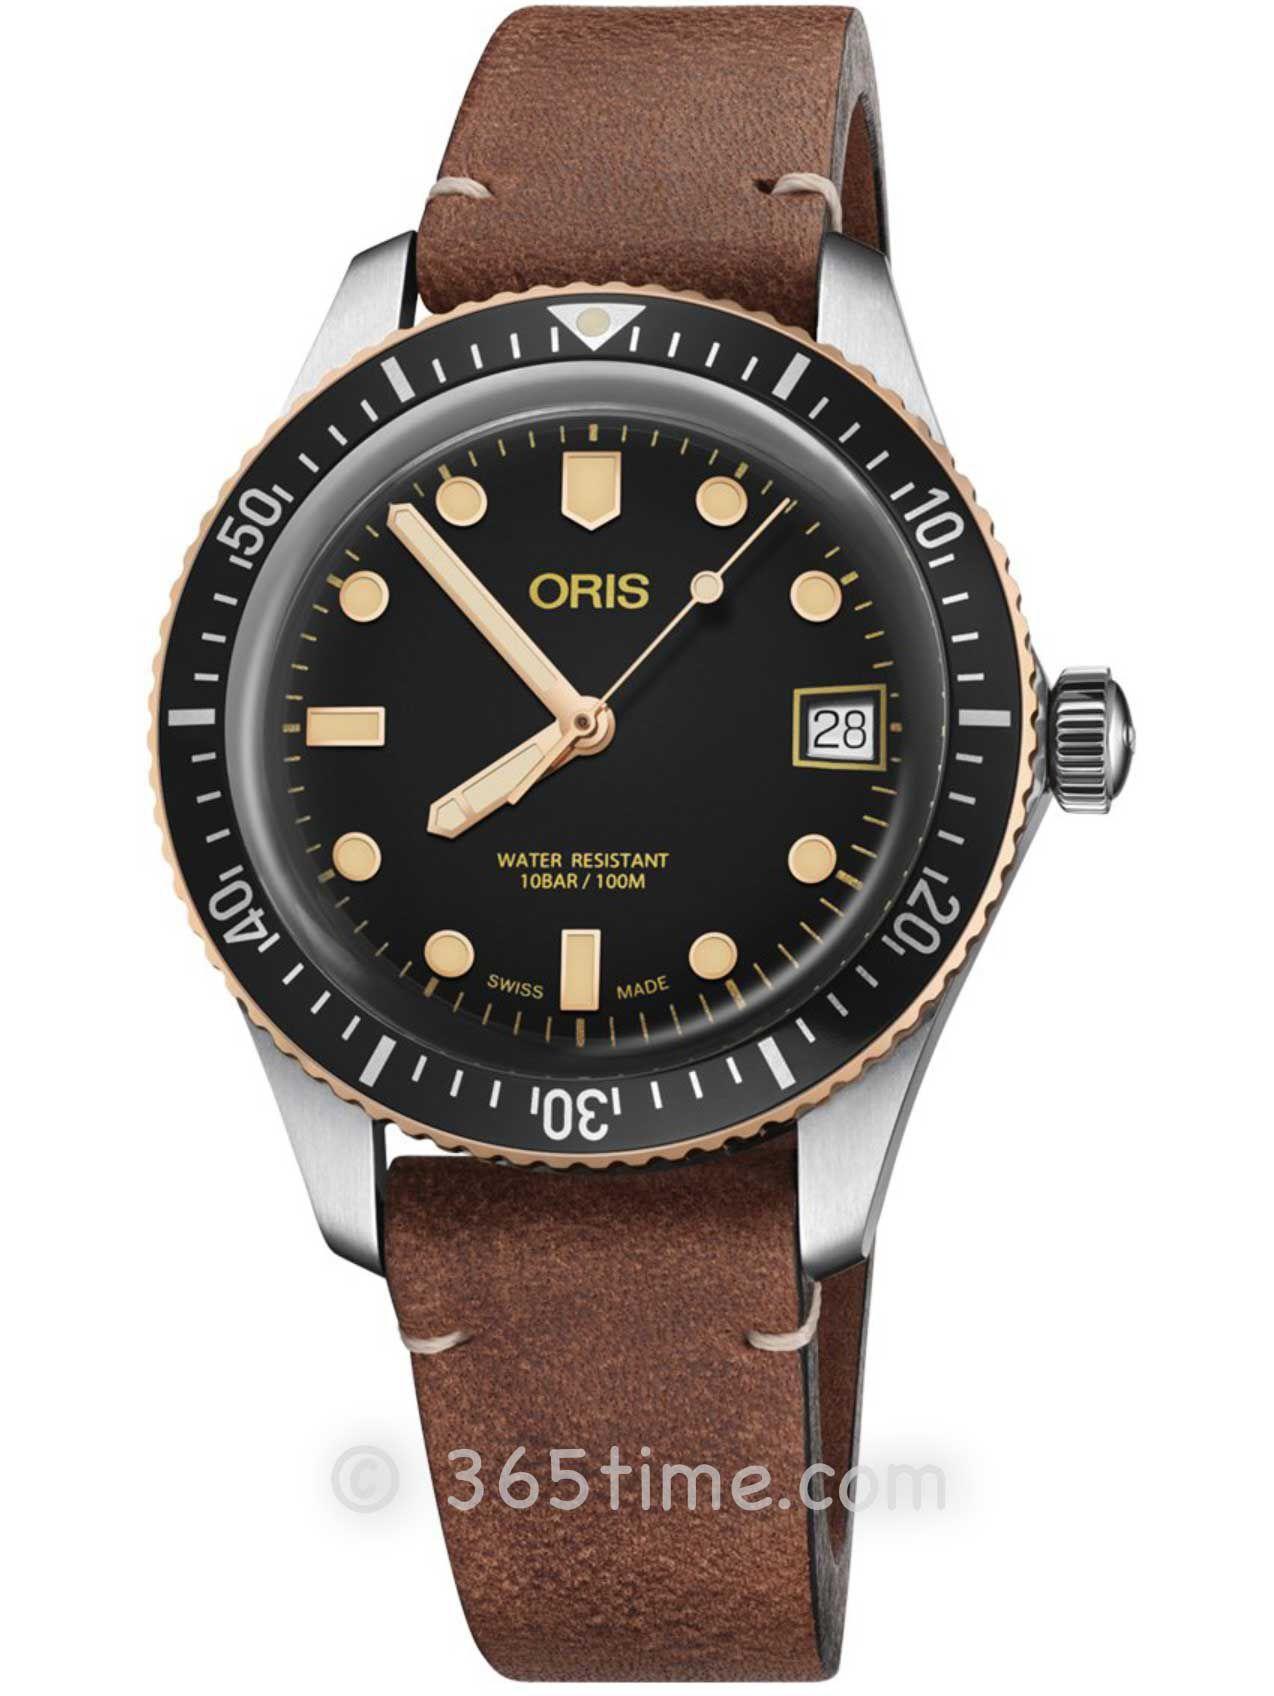 Oris豪利时潜水系列65年复刻版潜水腕表01 733 7747 4354-07 5 17 45